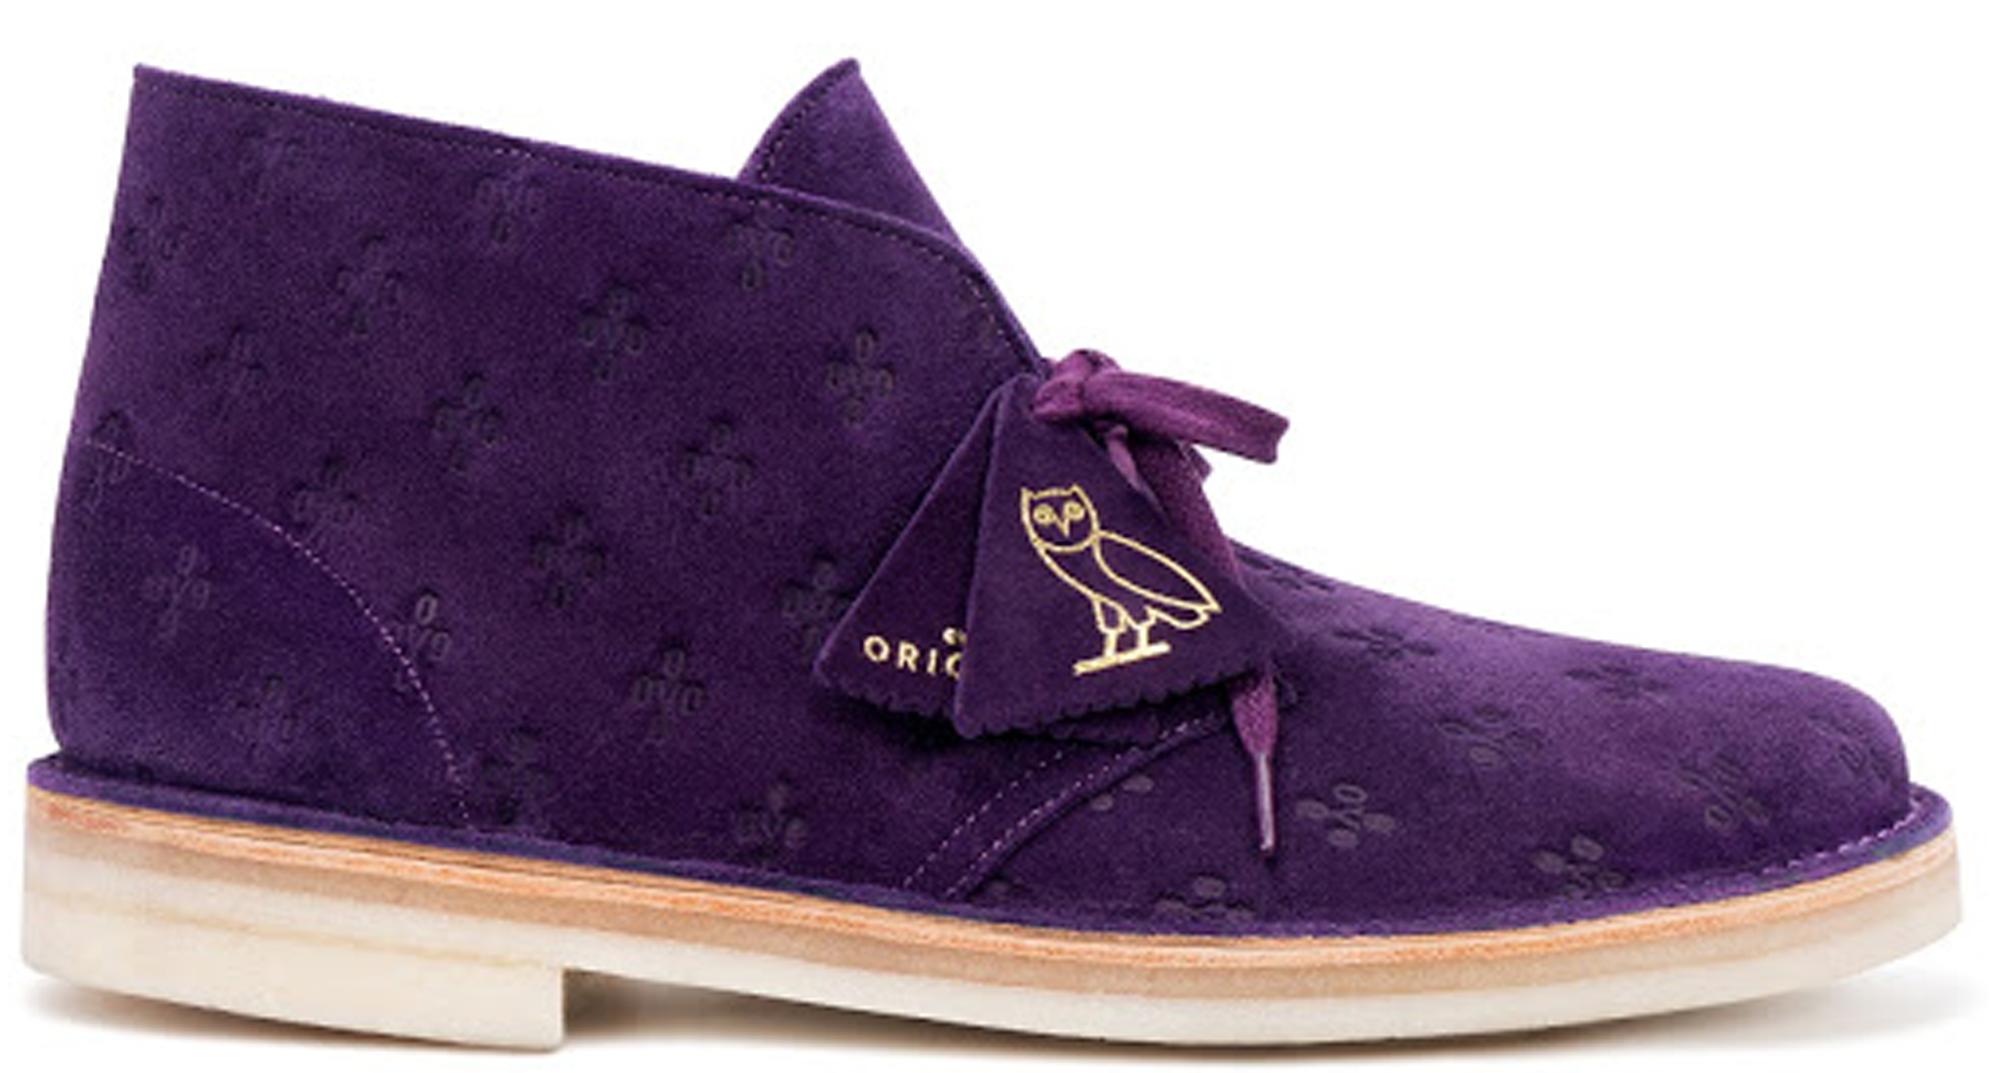 big sale 3c970 d0657 OVO x Clarks Originals Desert Boot Purple Drake Octobers Very Own